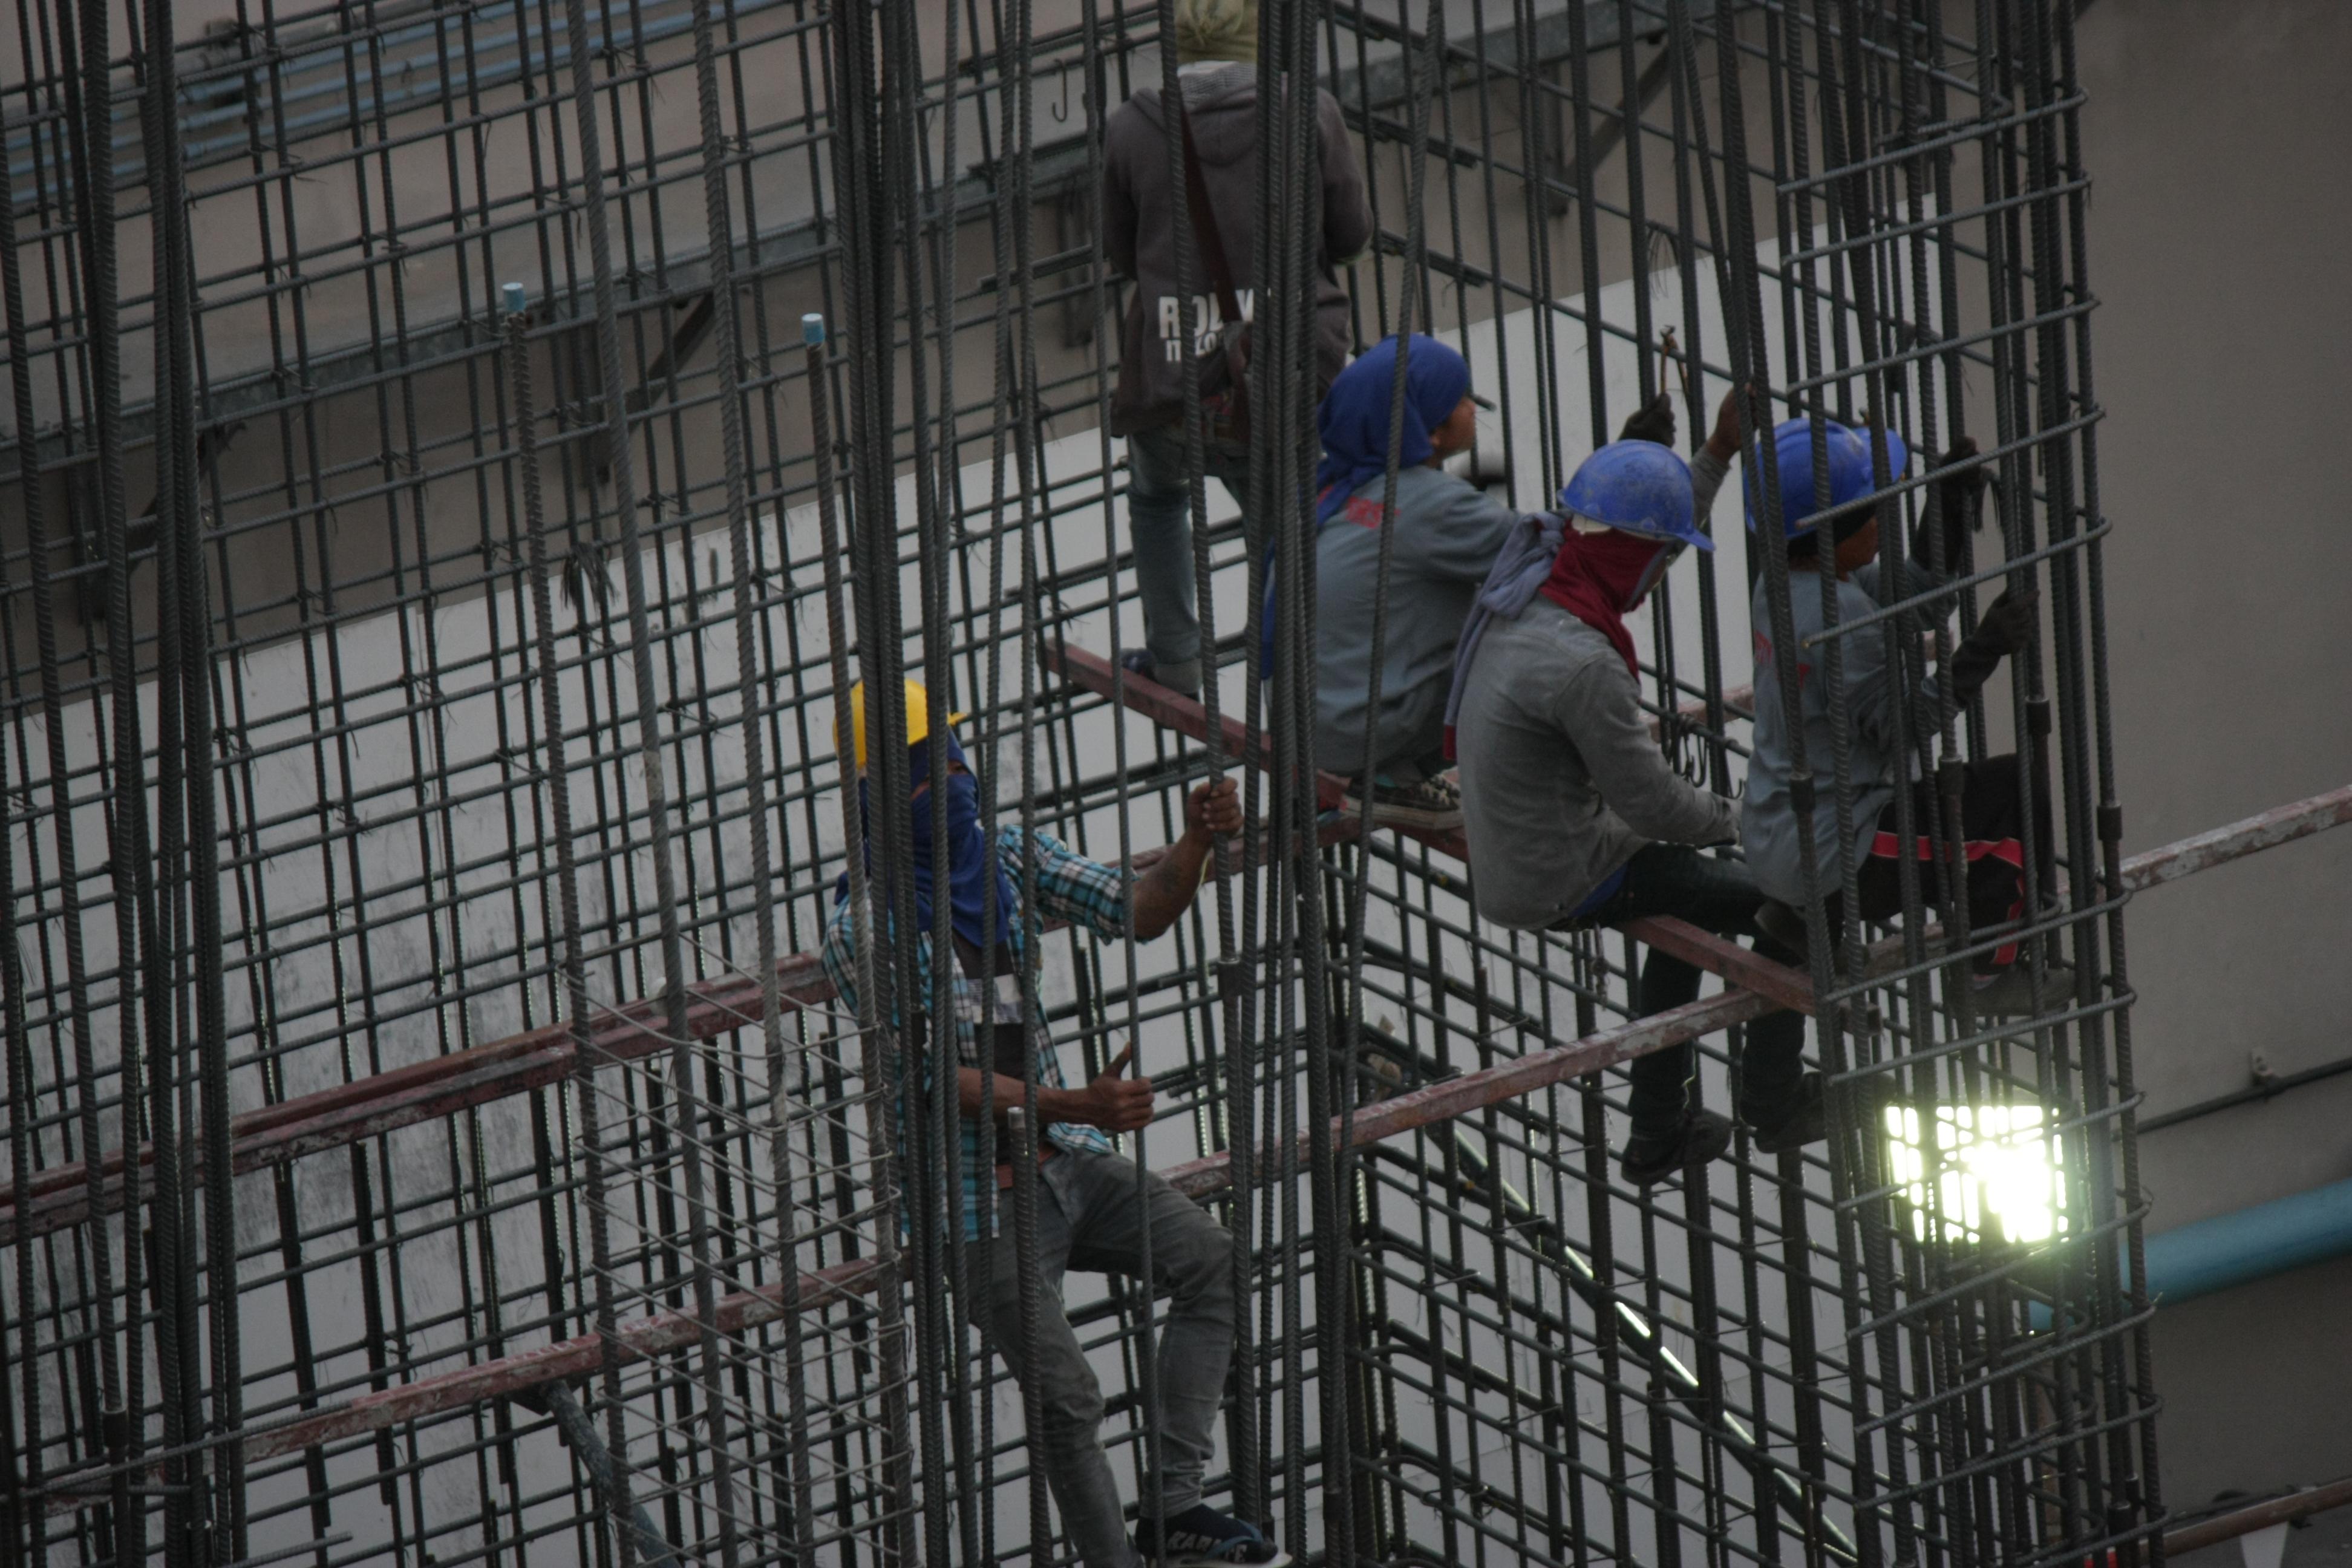 Flip-flop worker climbing